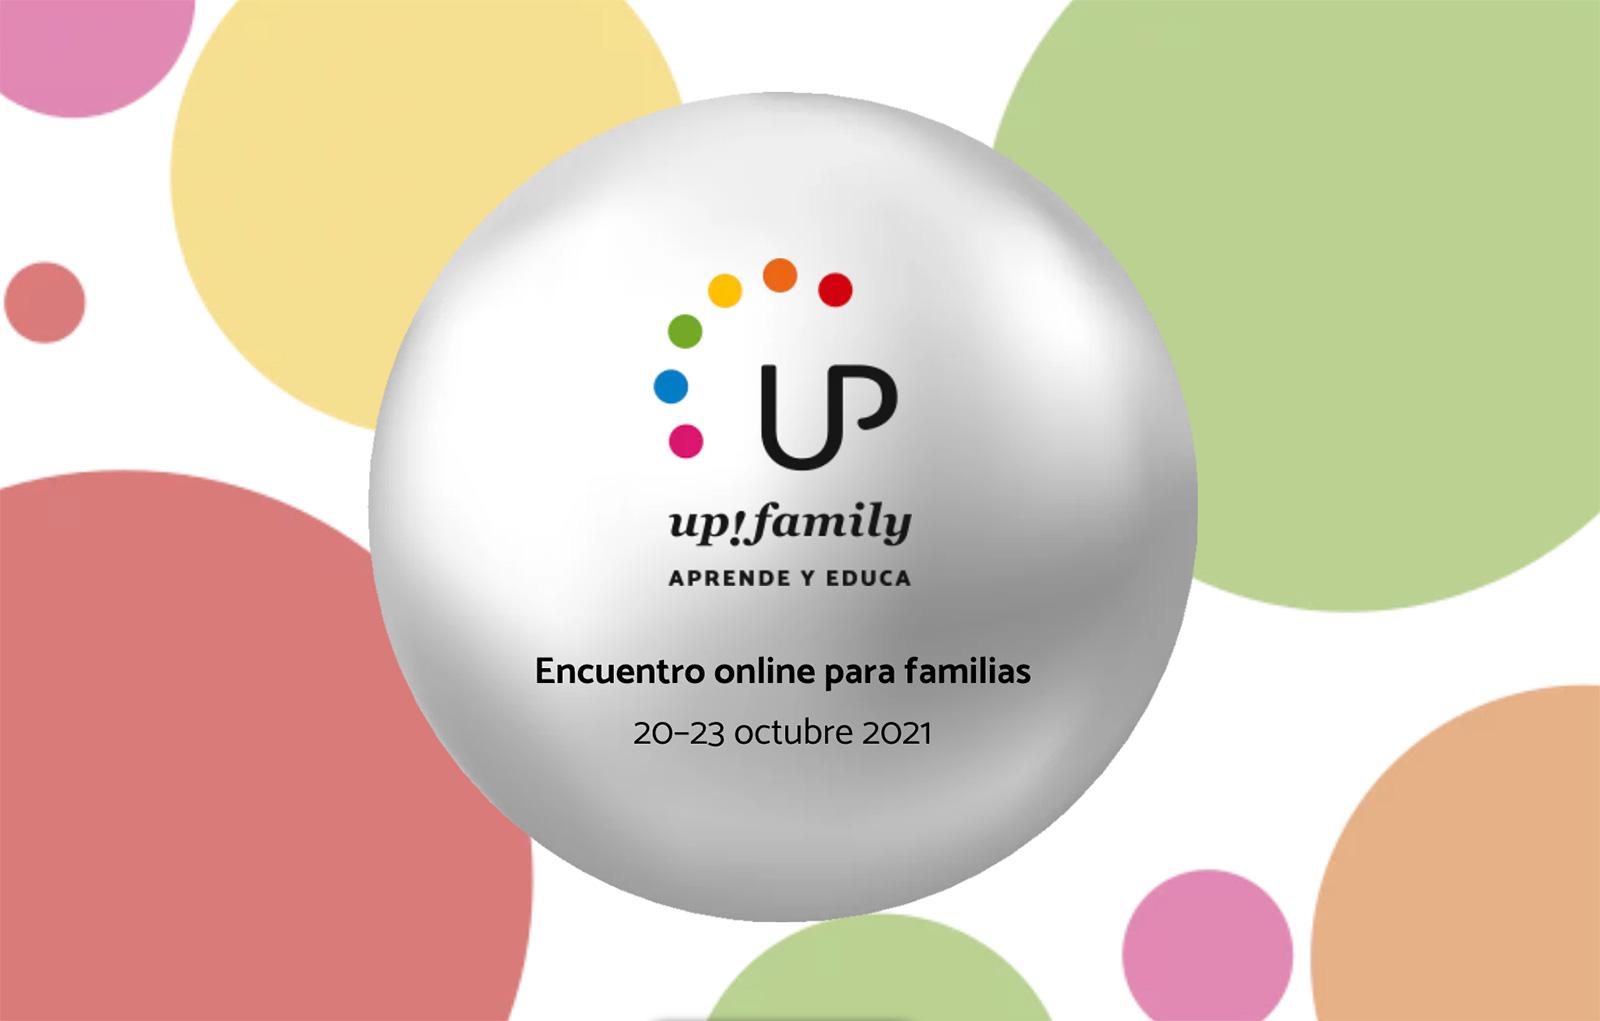 upfamily encuentro aprende y educa fundacion edelvives octubre 2021